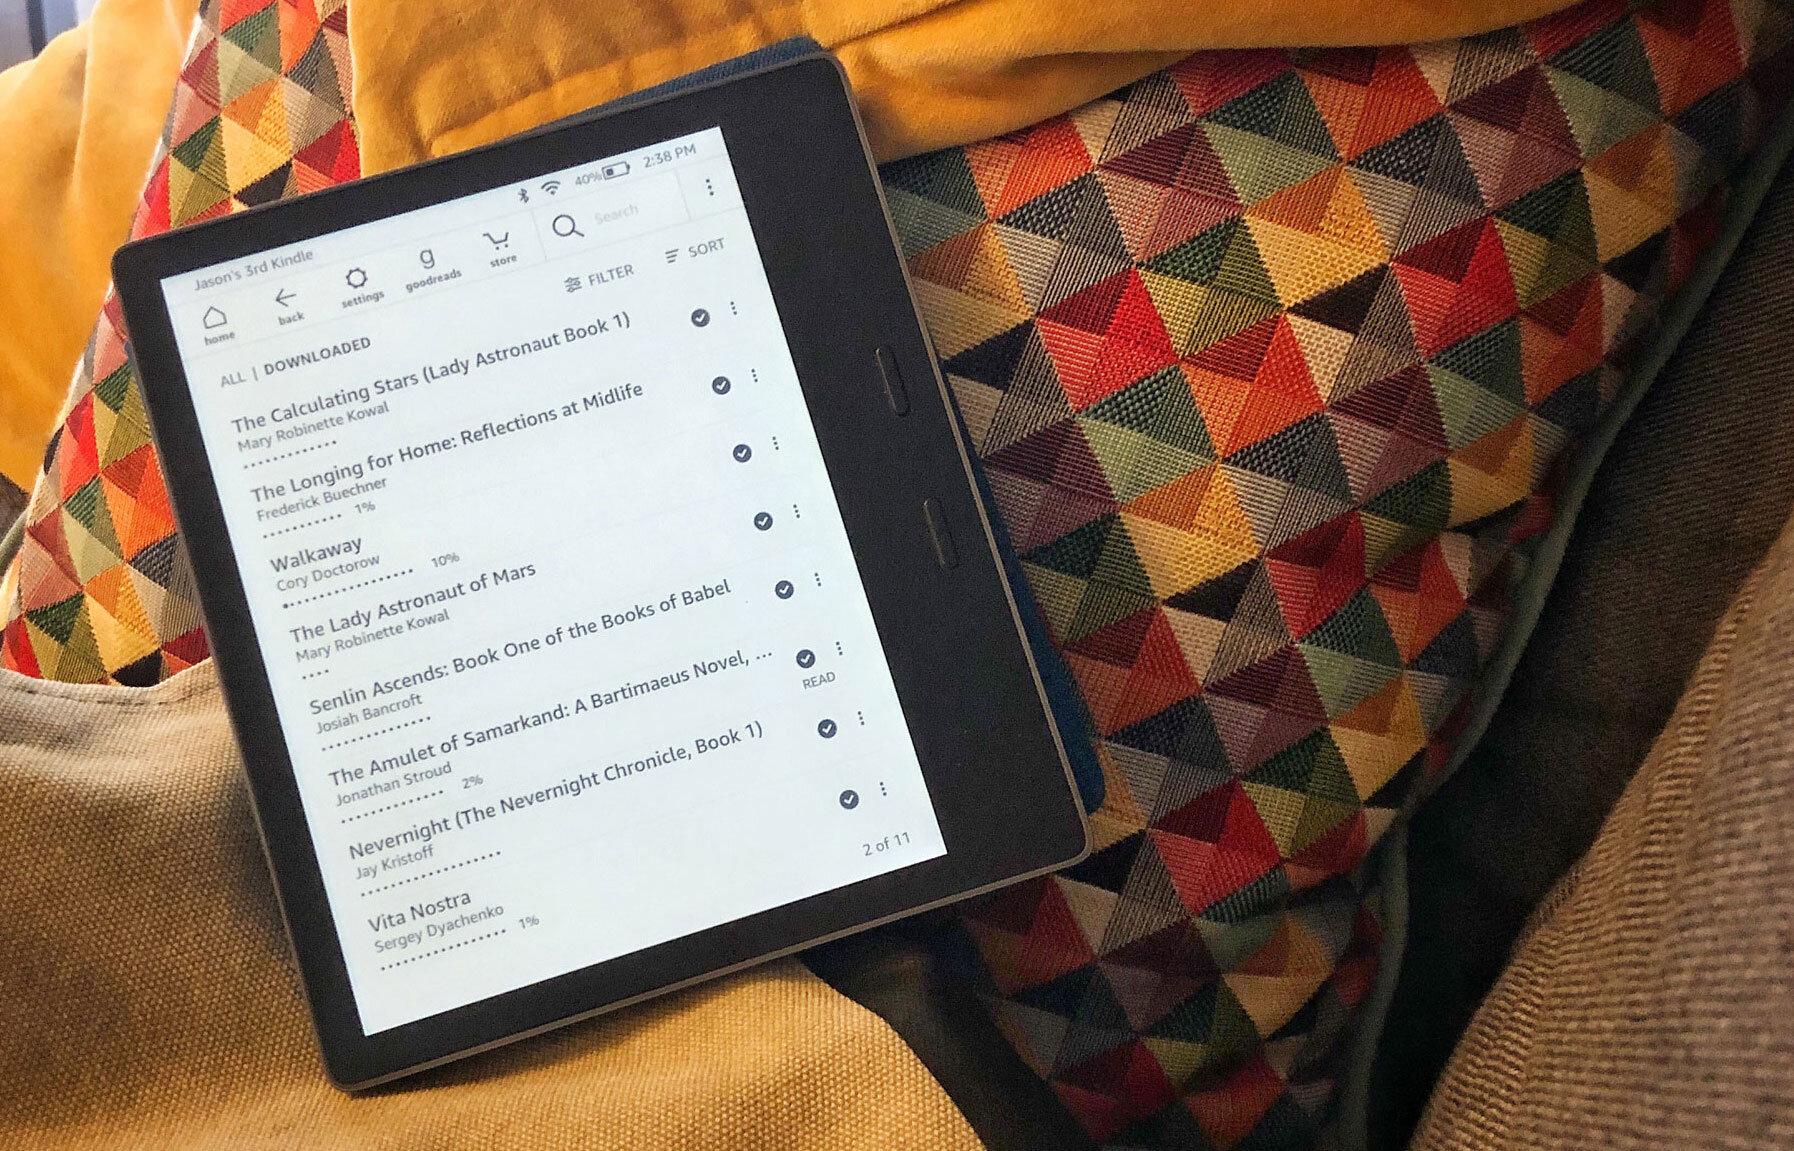 Kindle_reading.jpg